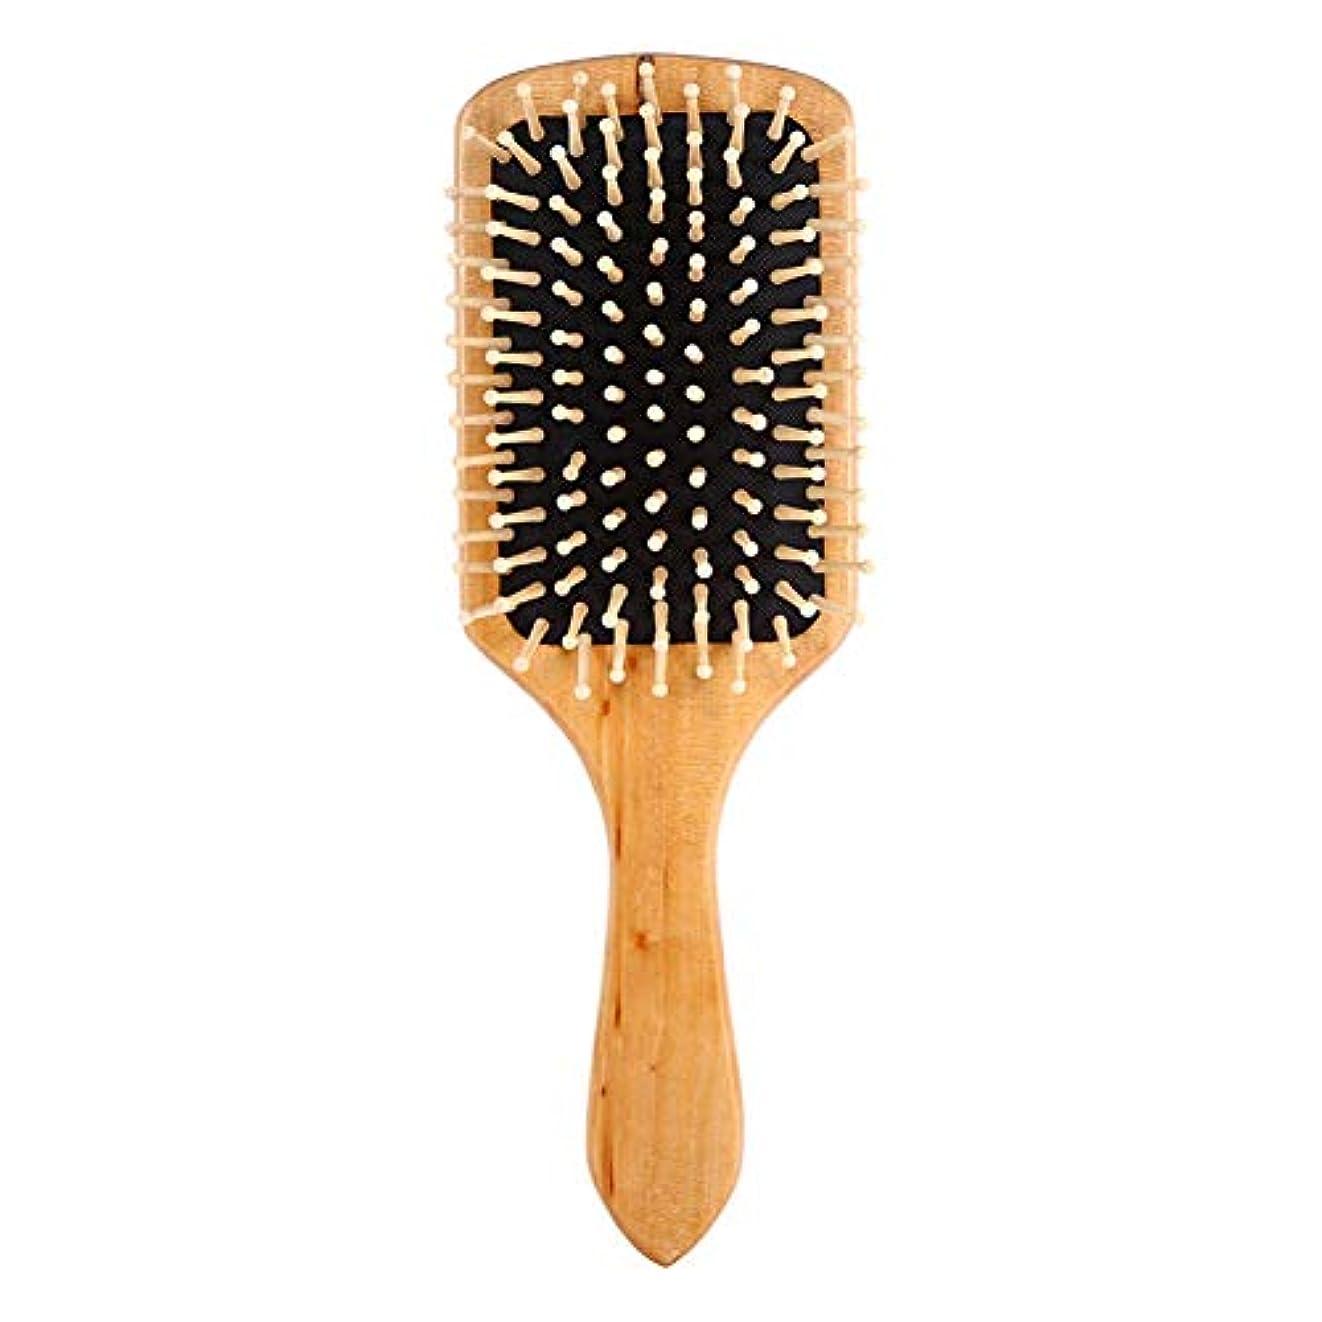 マーク麦芽厚いヘアケアコームマッサージ木製スパマッサージコーム帯電防止ヘアコームマッサージヘッドプロモーション血液循環エアバッグコーム用すべてのヘアスタイル,Black